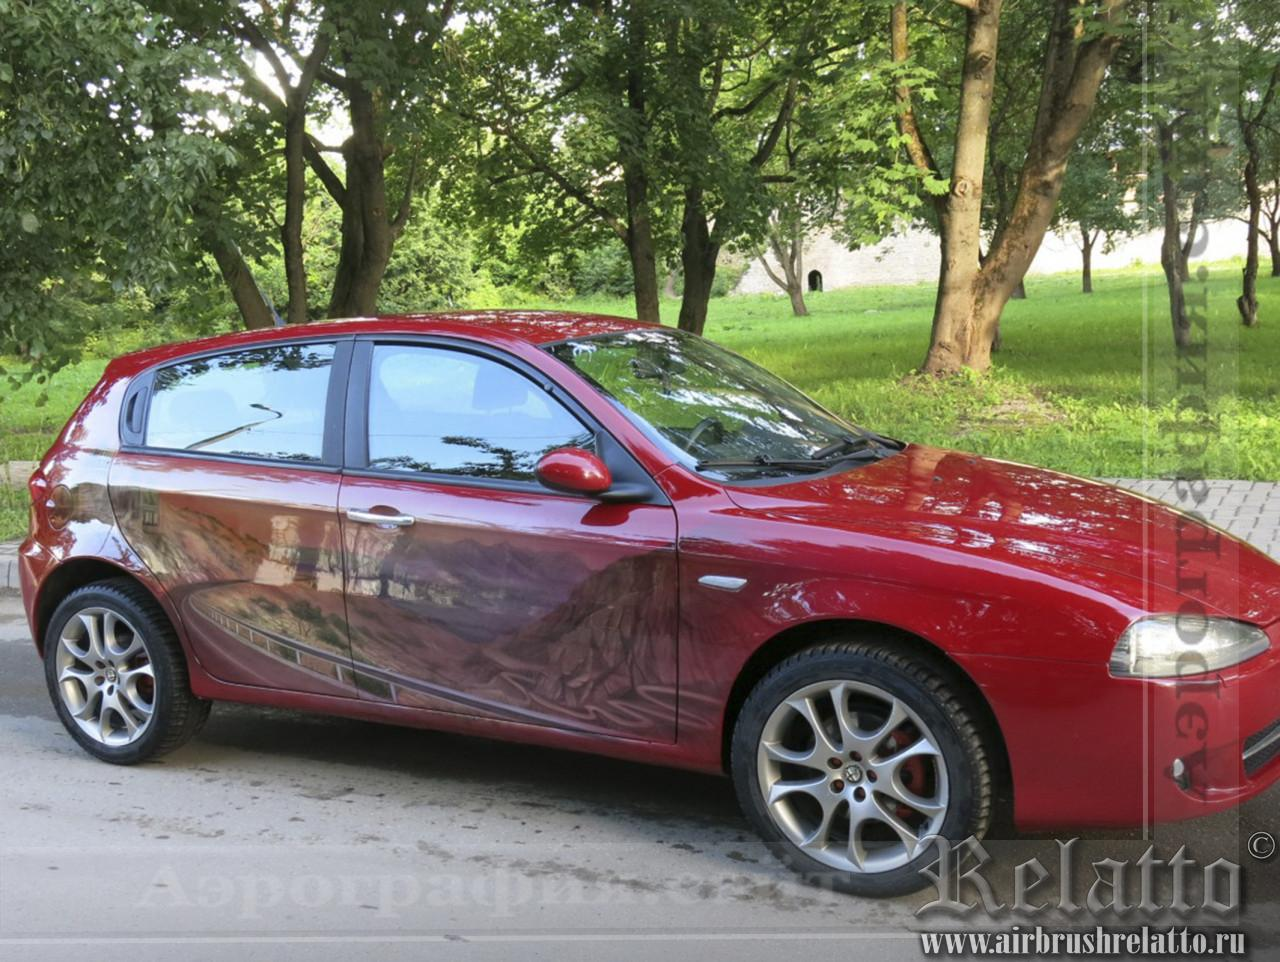 Аэрография на автомобиле Альфа Ромео